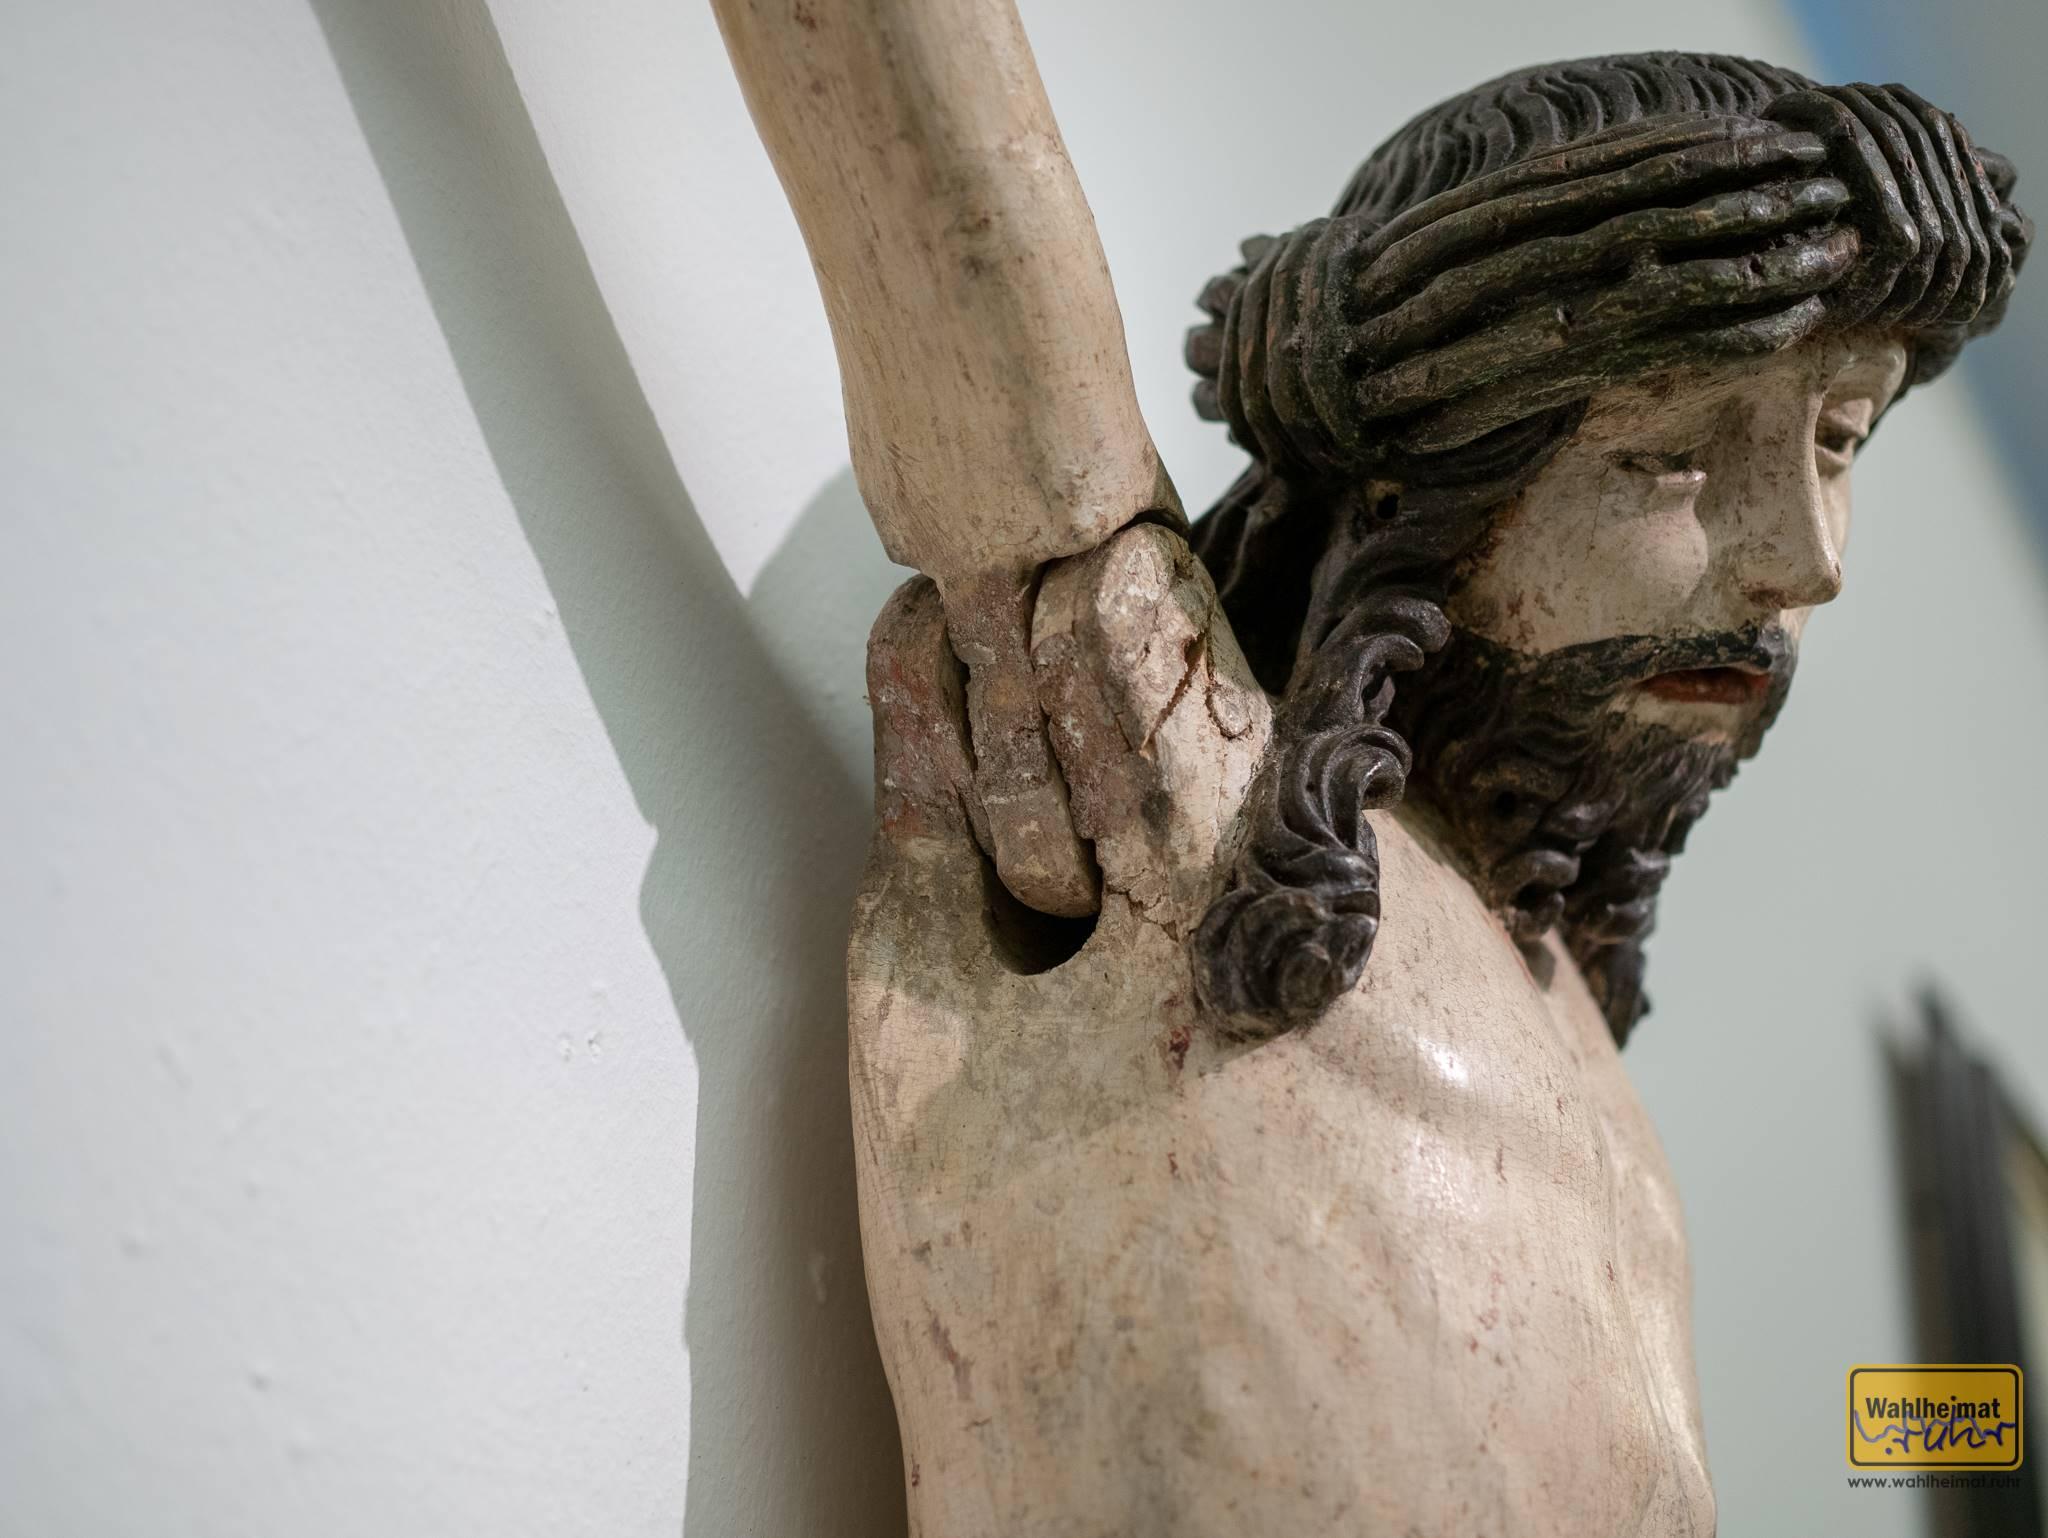 ...die Arme sinnbildlich für die Grablege zusammengelegt werden.